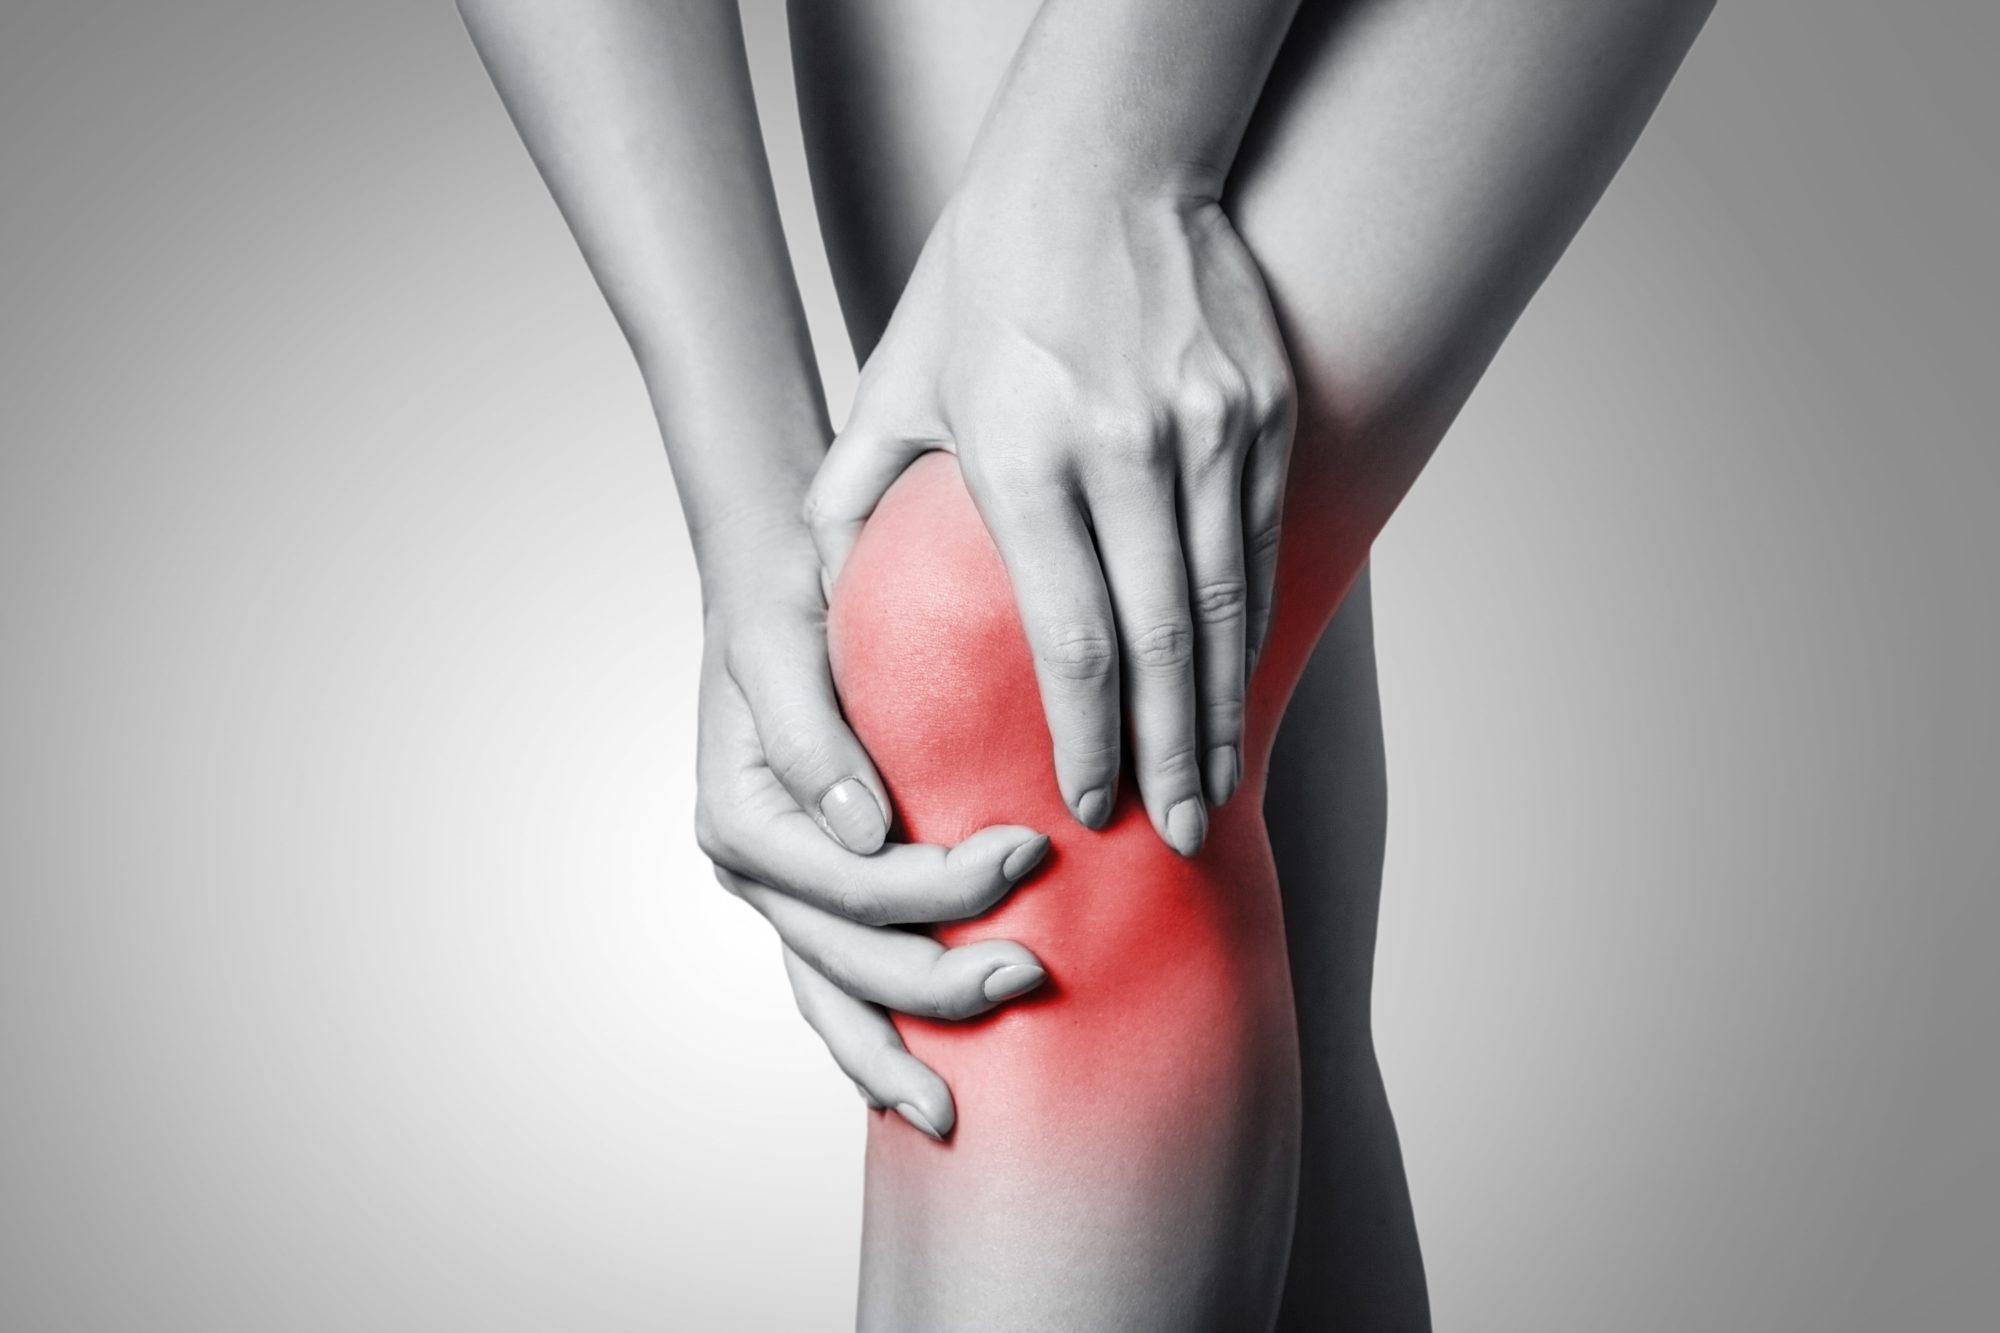 knie pijn en knieklachten laten behandelen door fysiotherapie nijmegen van sport medisch centrum papendal